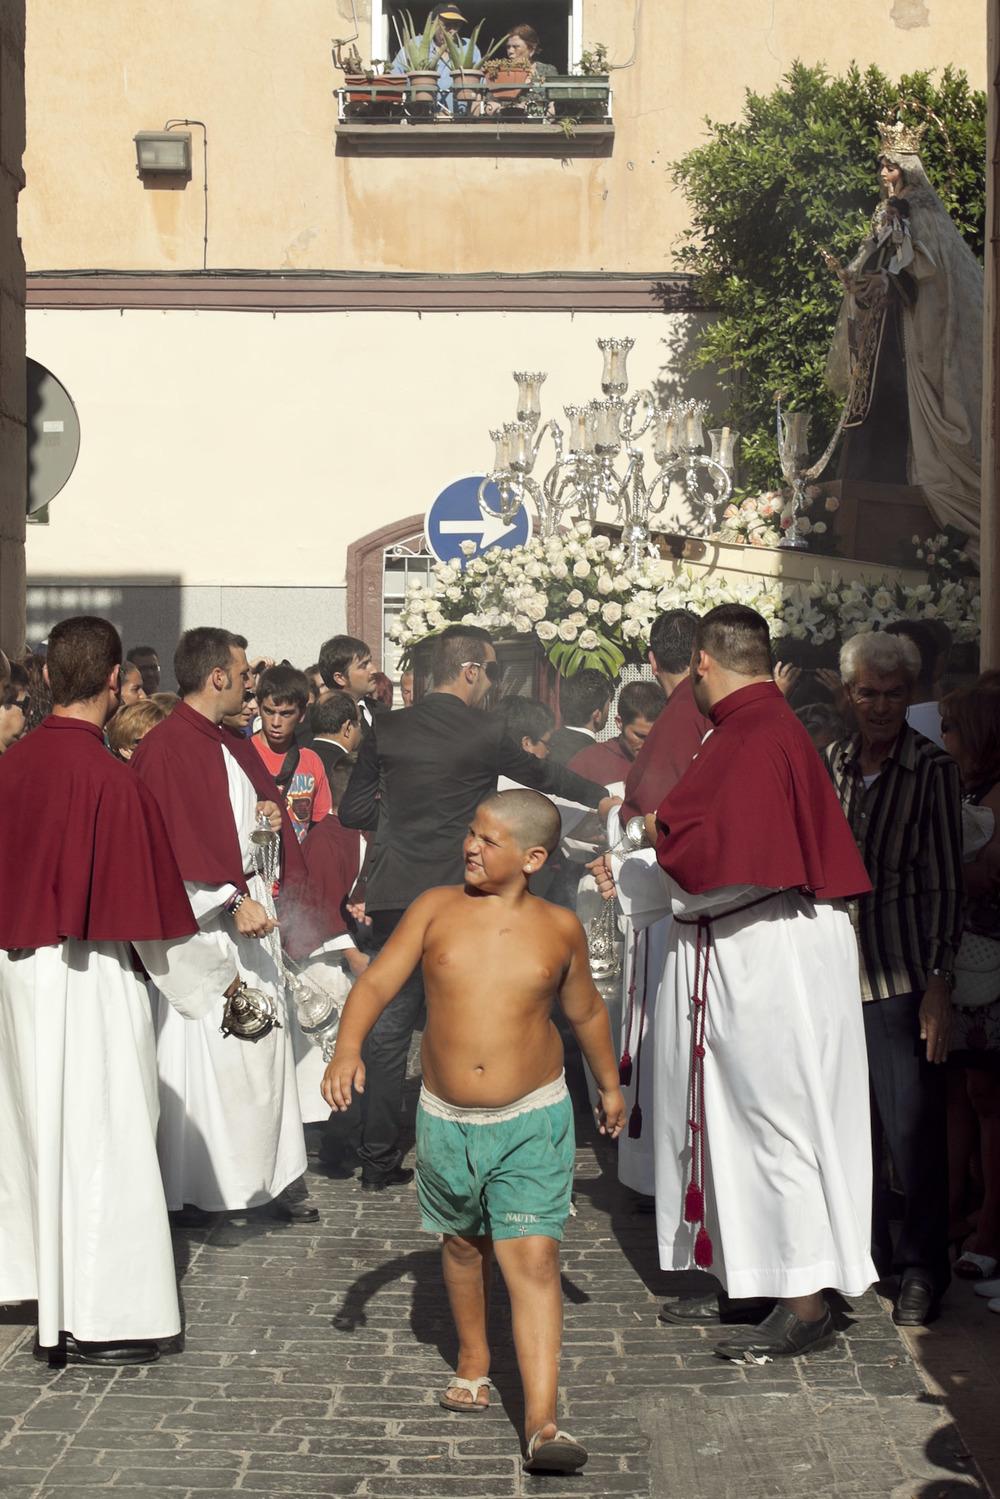 Procesión de la Virgen del Carmen. Almería, España.